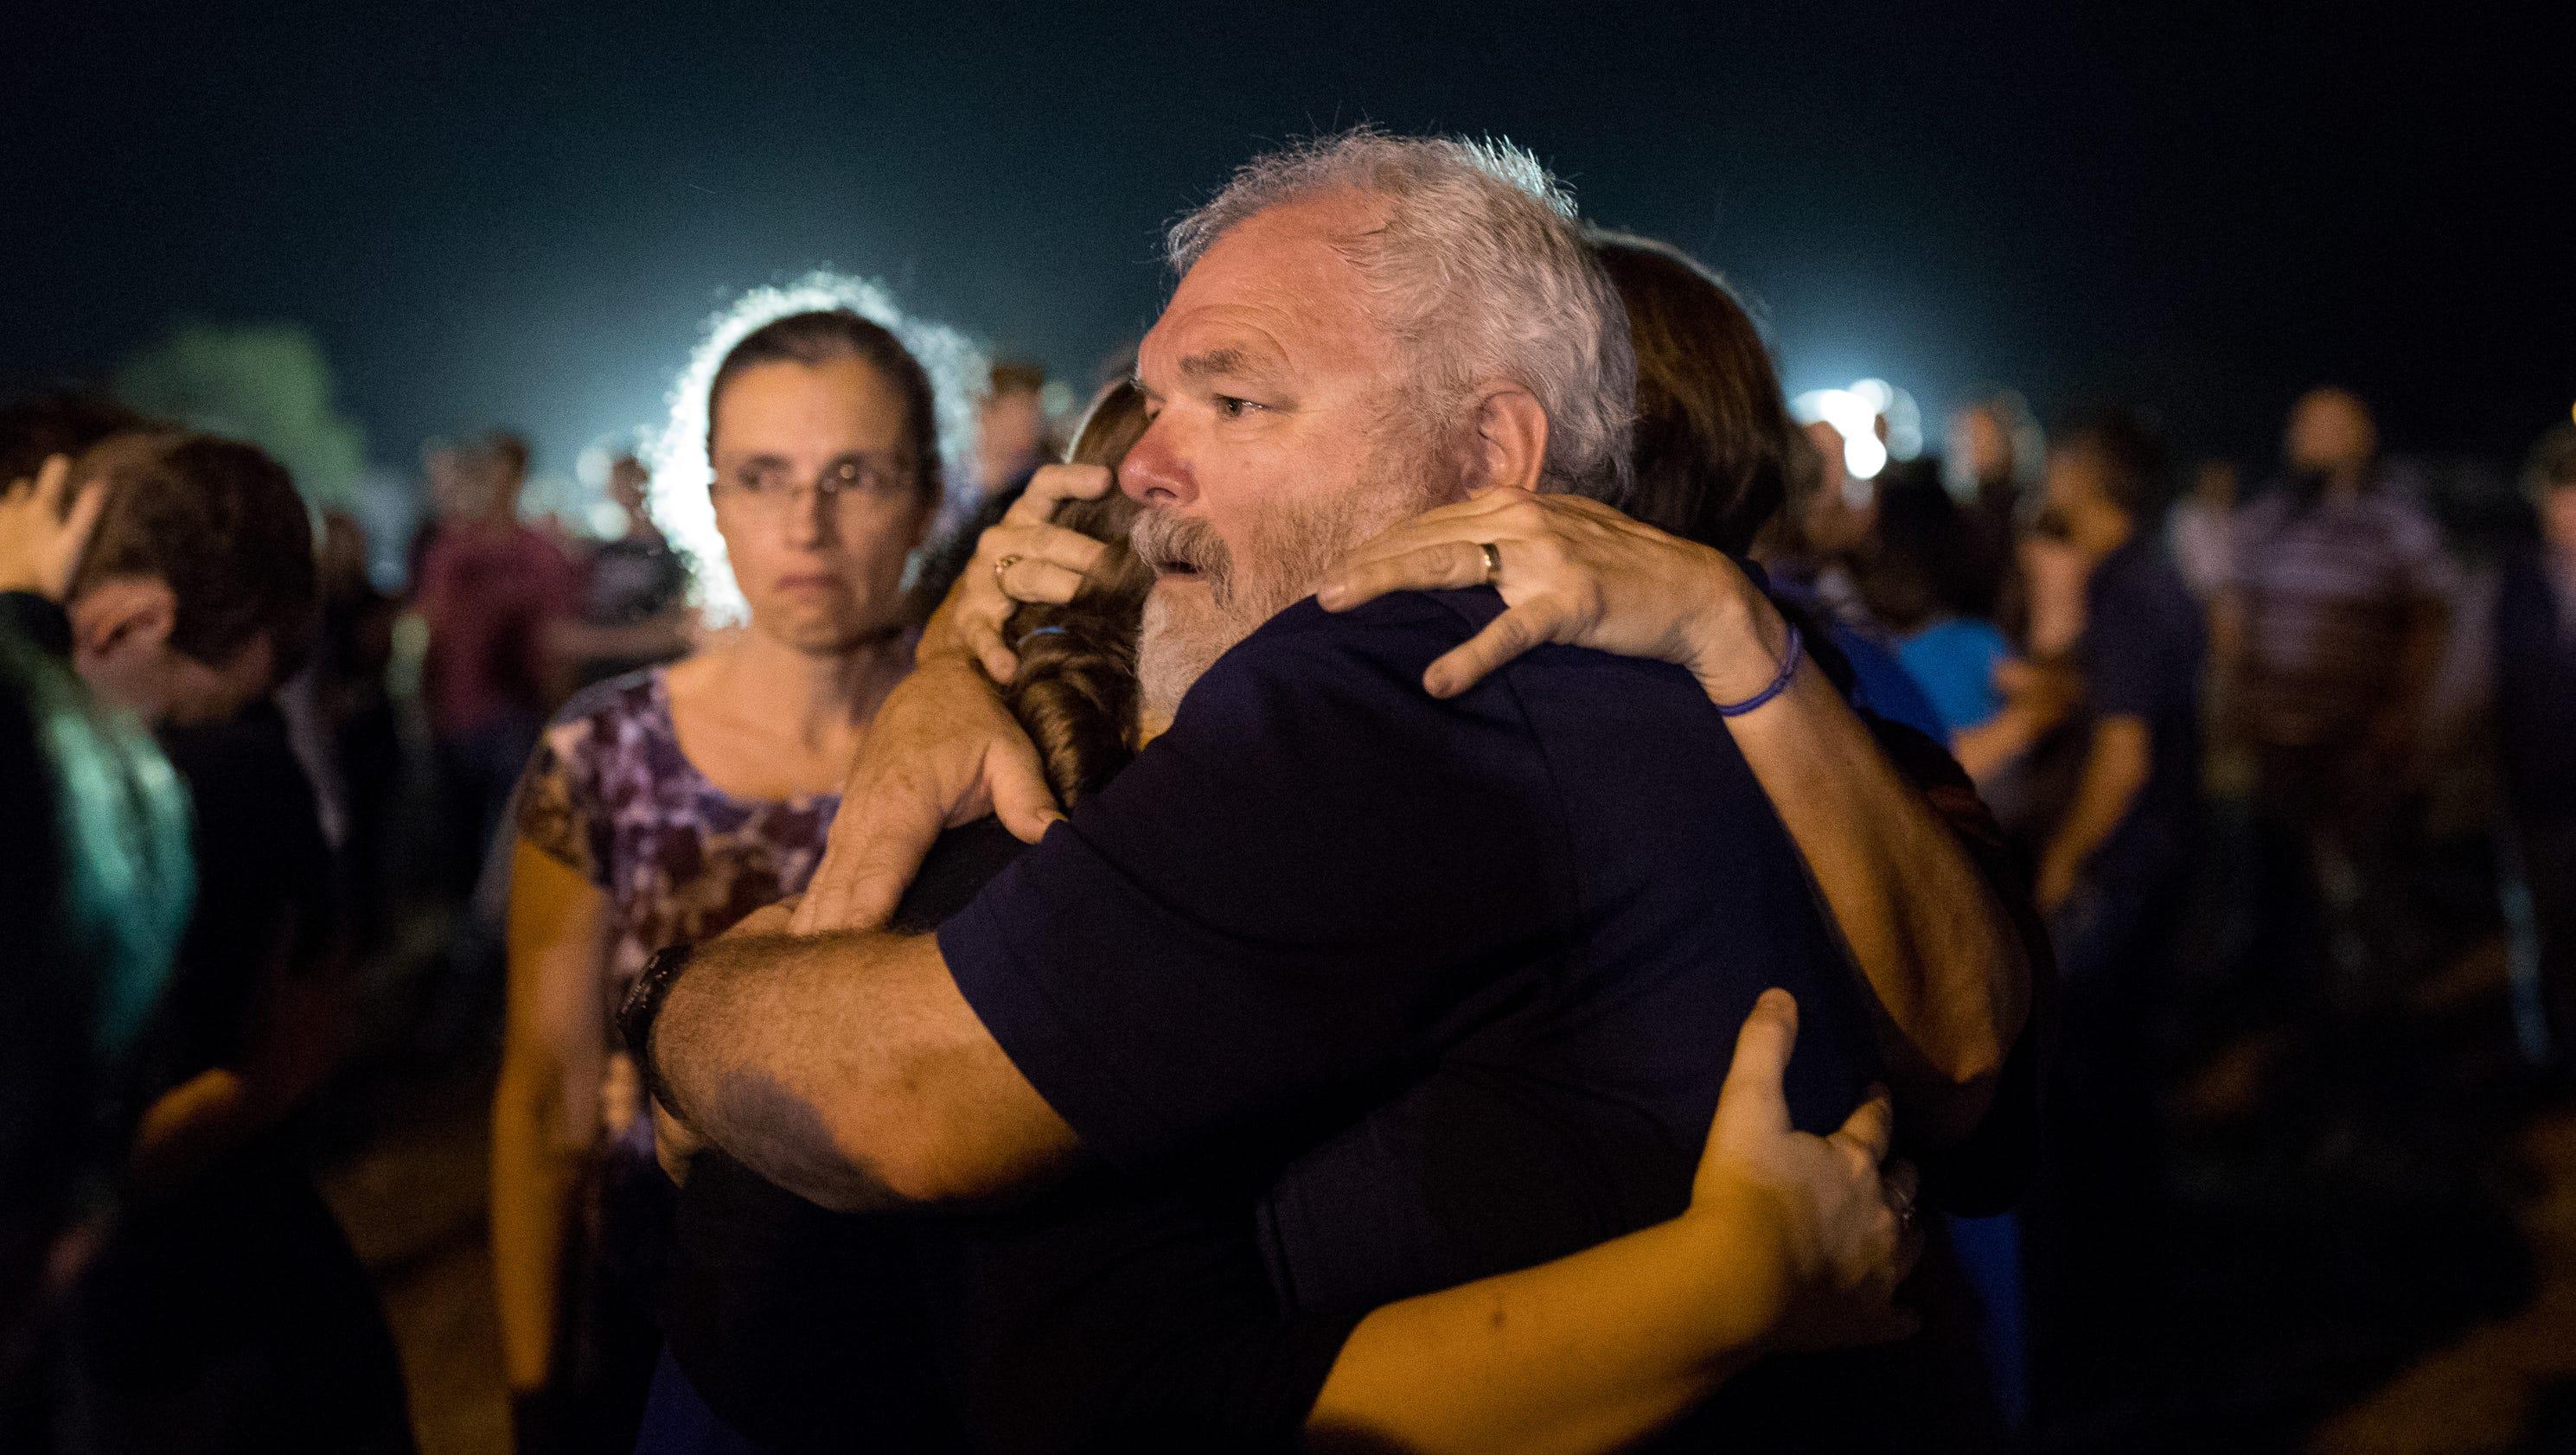 The man who took down the Texas church gunman